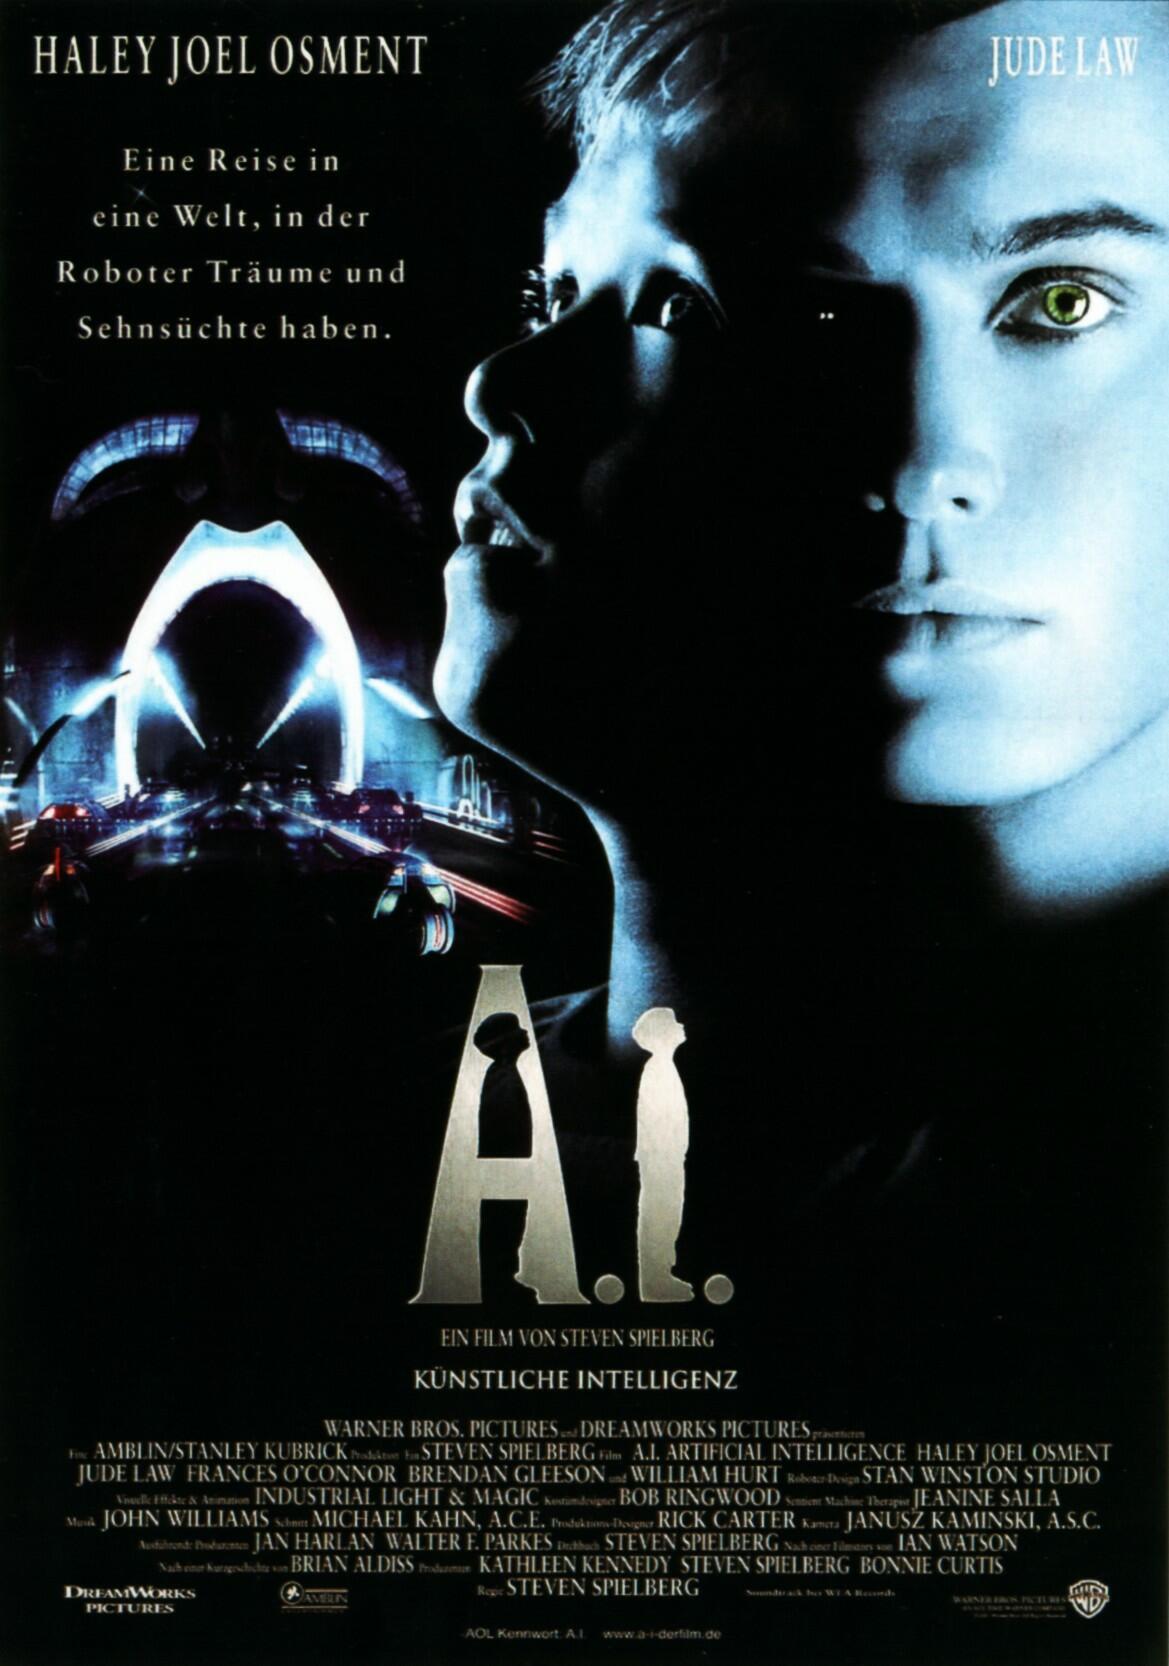 Film Künstliche Intelligenz